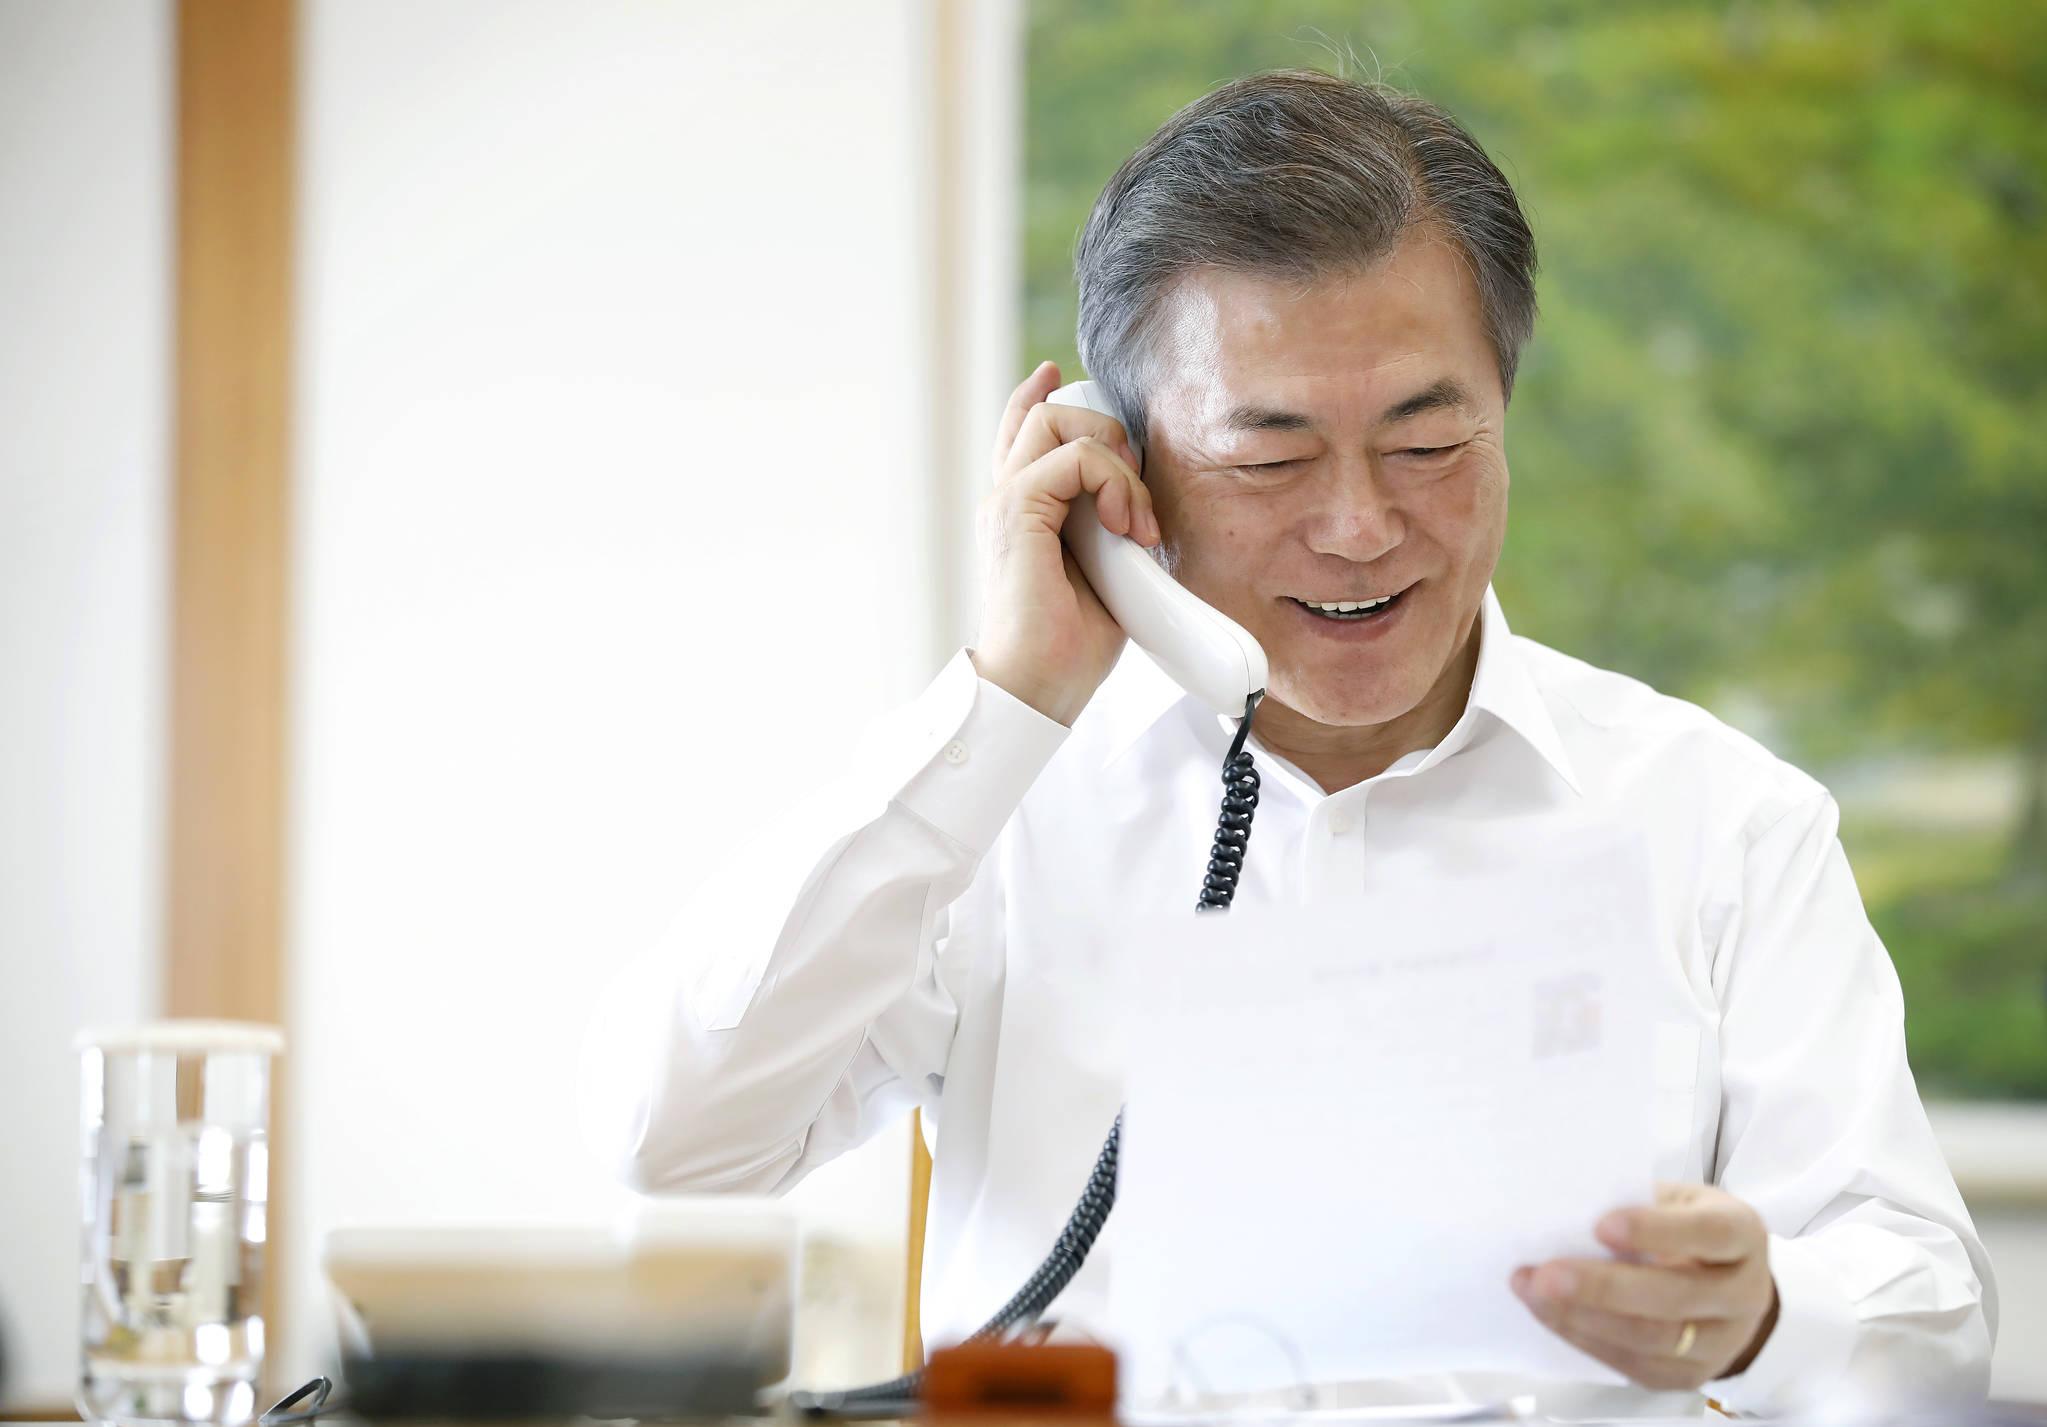 문재인 대통령이 15일 오후 청와대에서 설 명절을 맞아 국민 11명과 전화 통화를 하며 인사를 나누고 있다. [청와대 제공=연합뉴스]